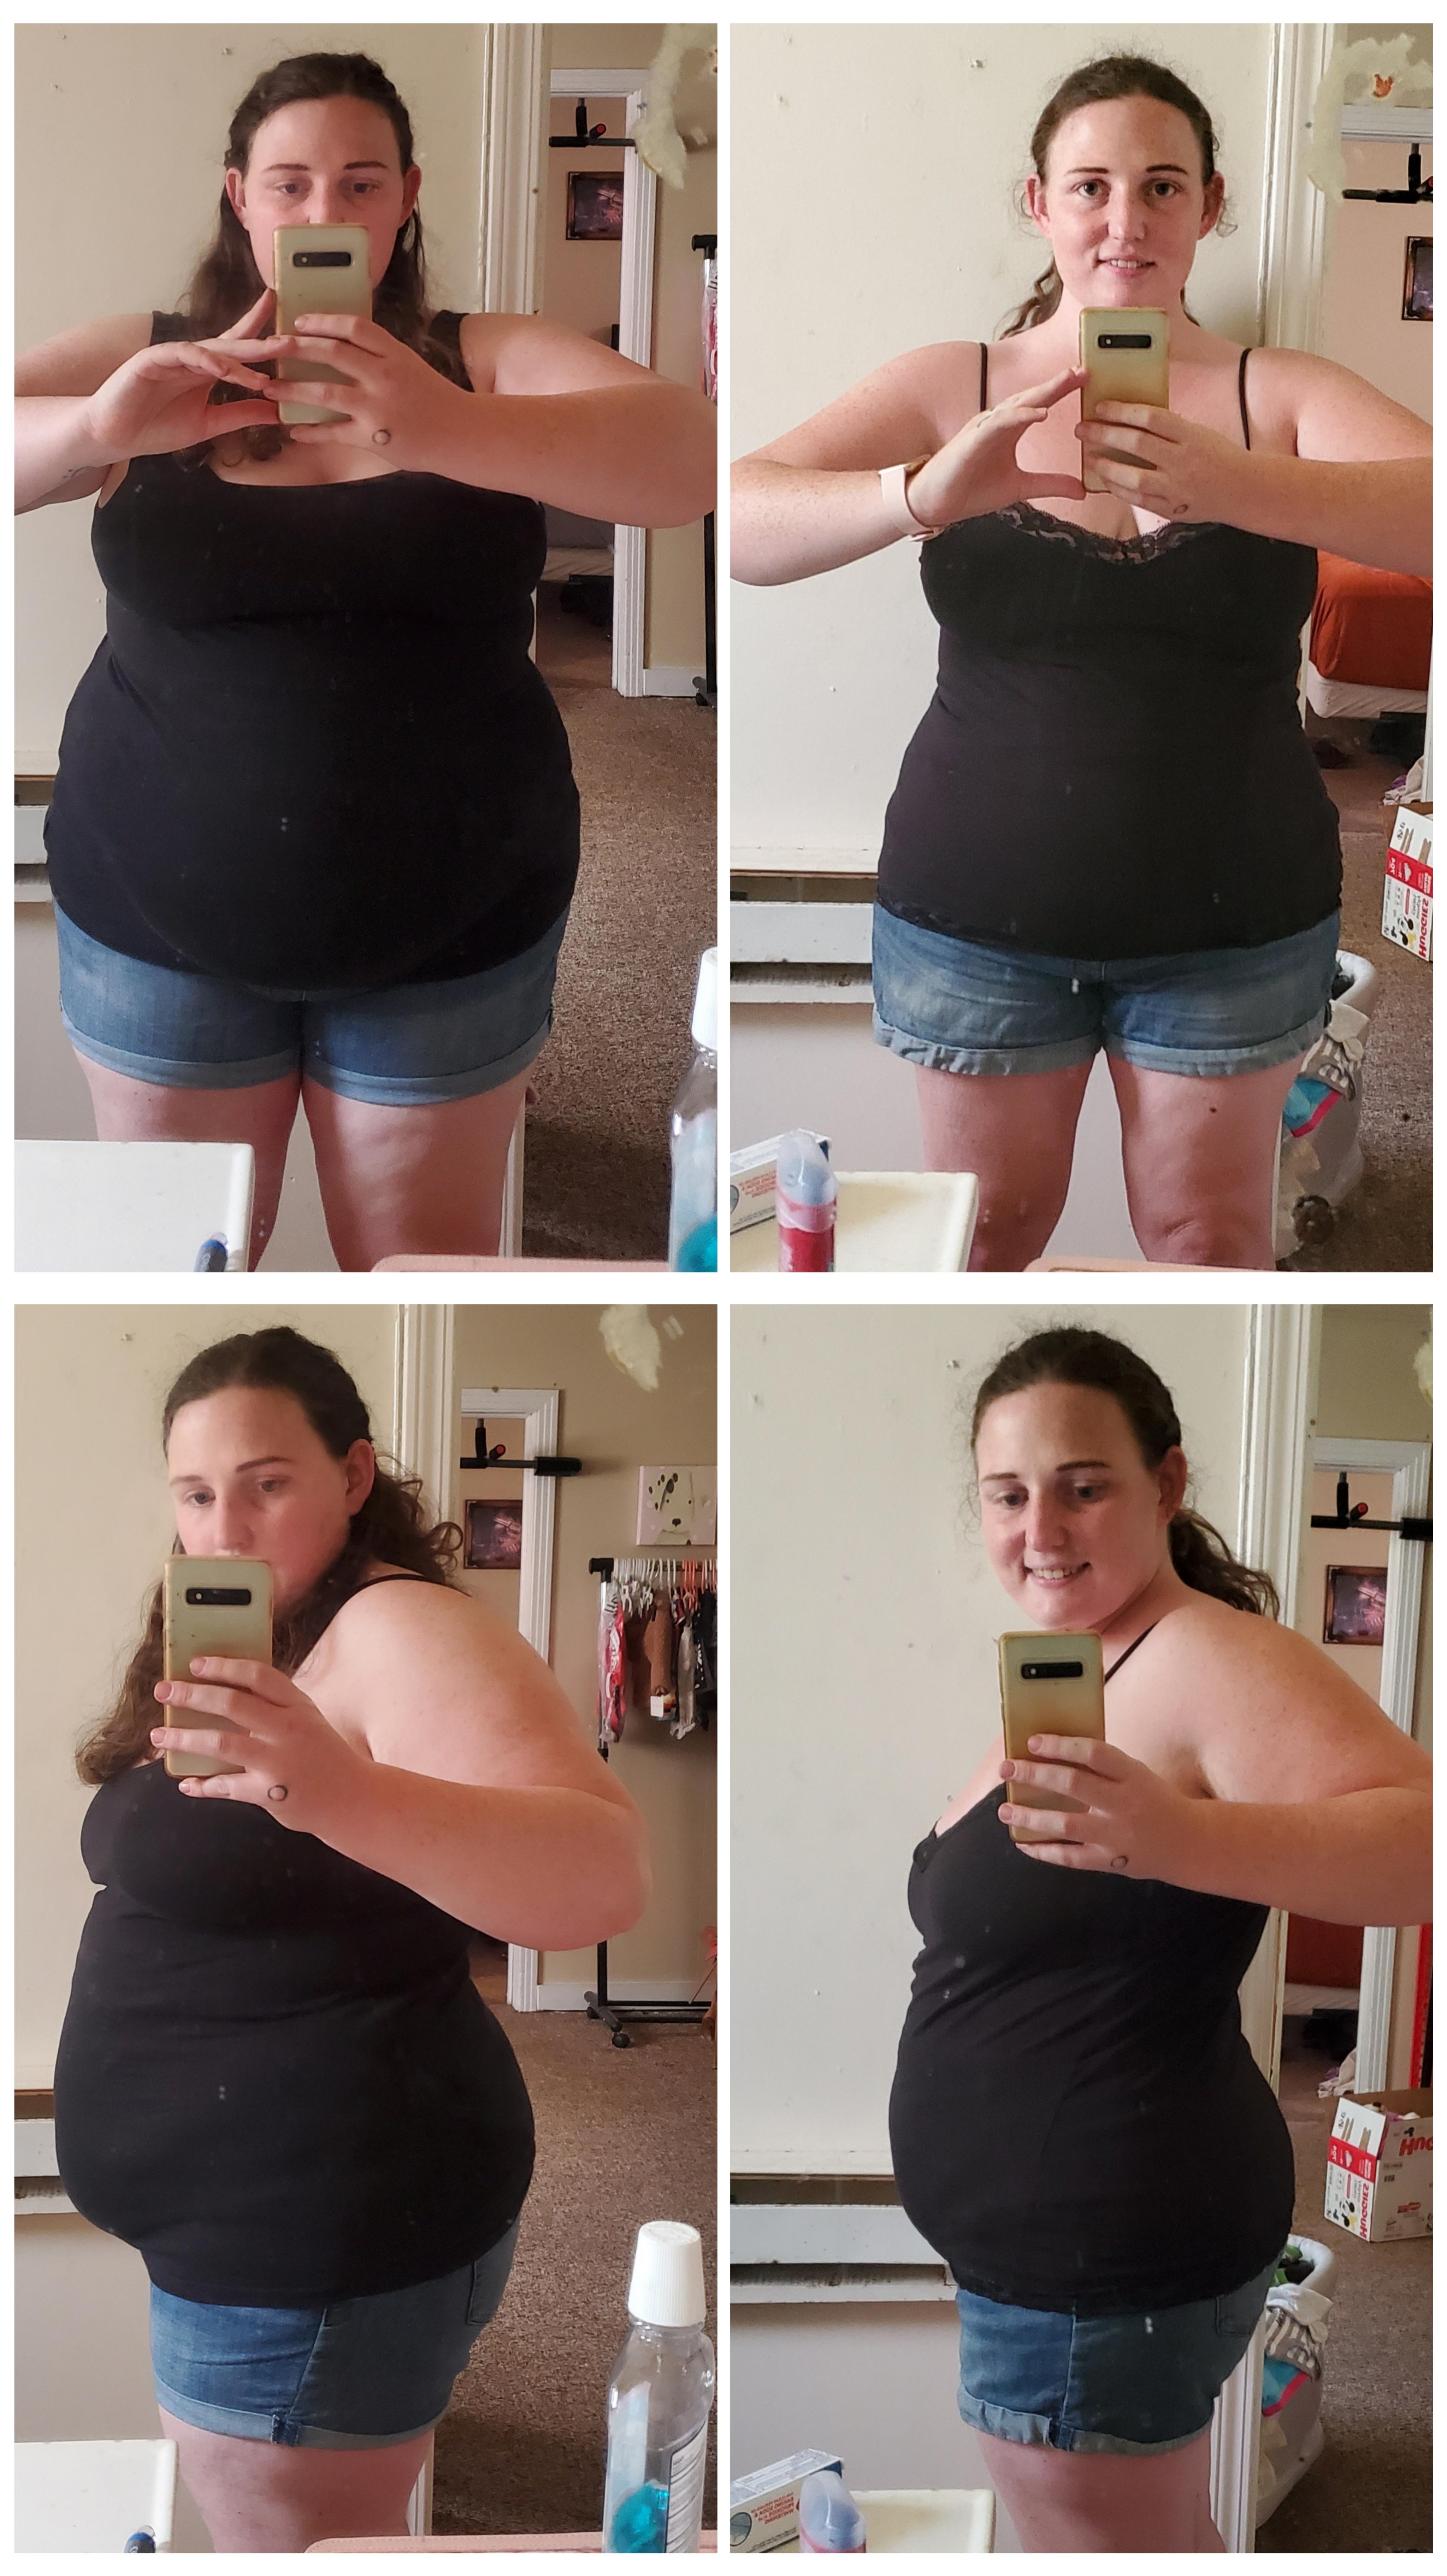 5'4 Female Progress Pics of 55 lbs Fat Loss 265 lbs to 210 lbs